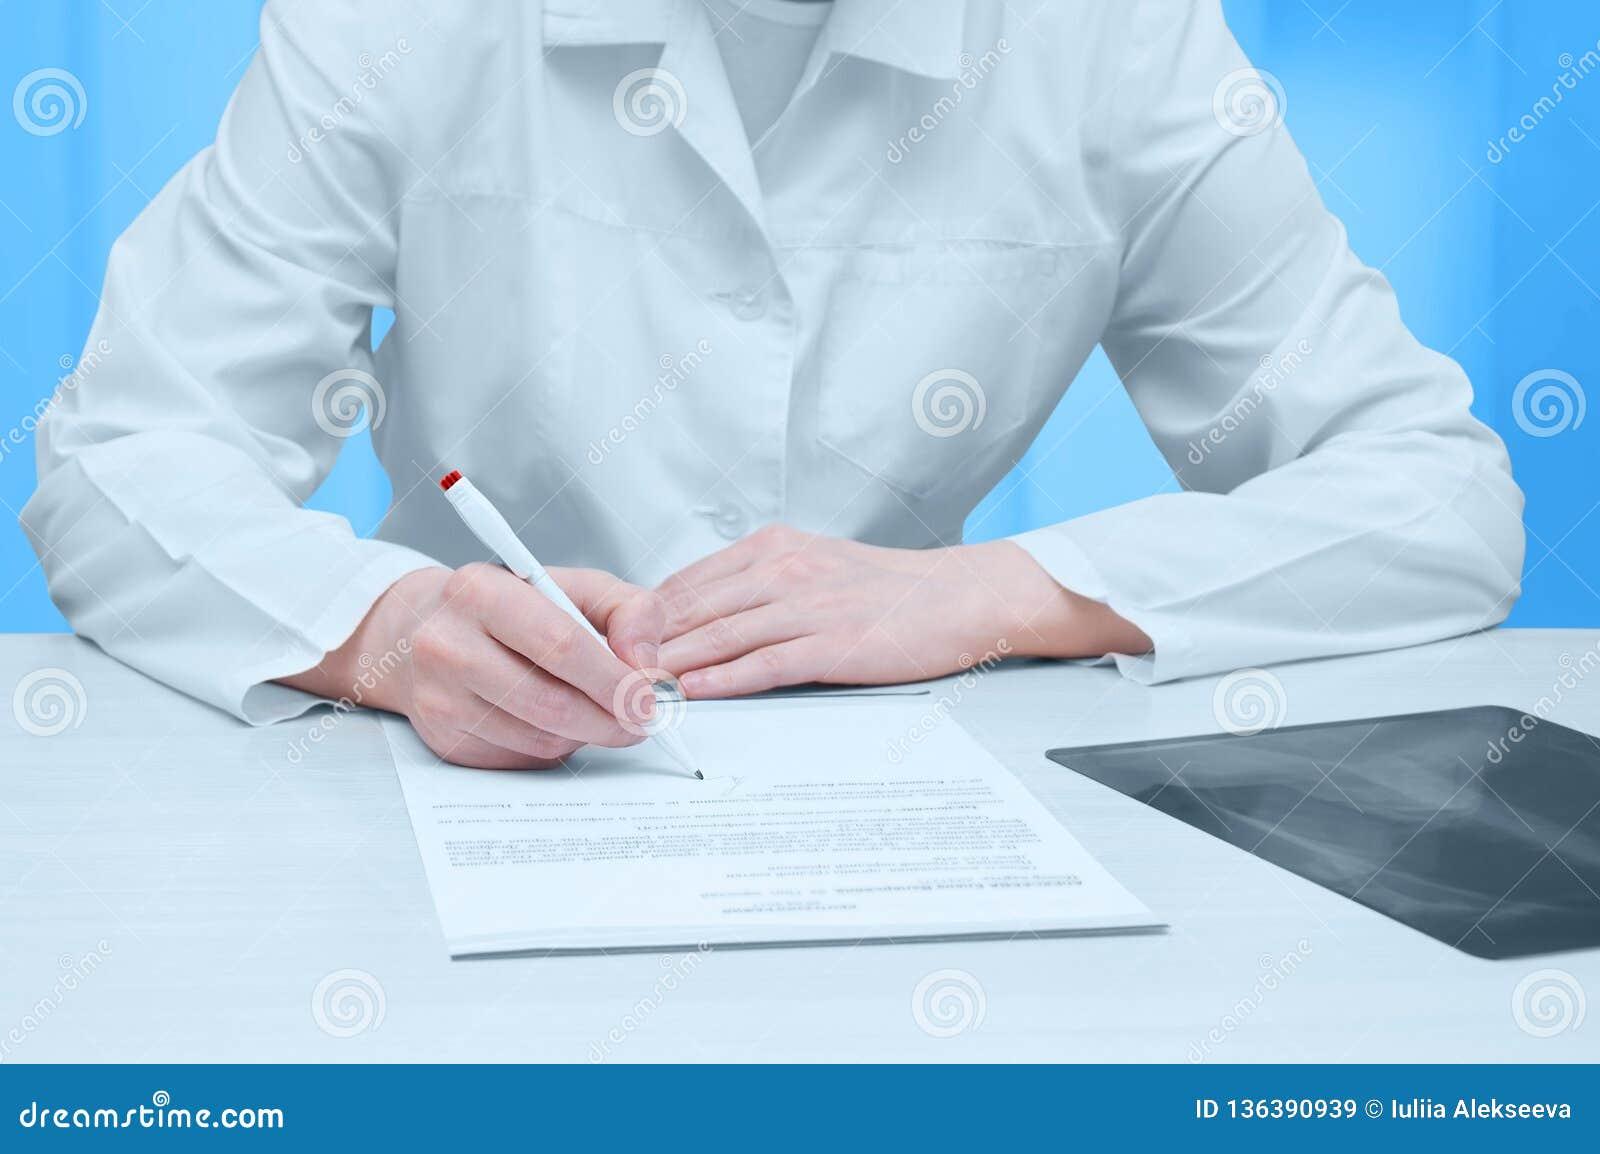 Manipulera i ett vitt lag på tabellen och undertecknar en röntgenstråleexamen Närbild